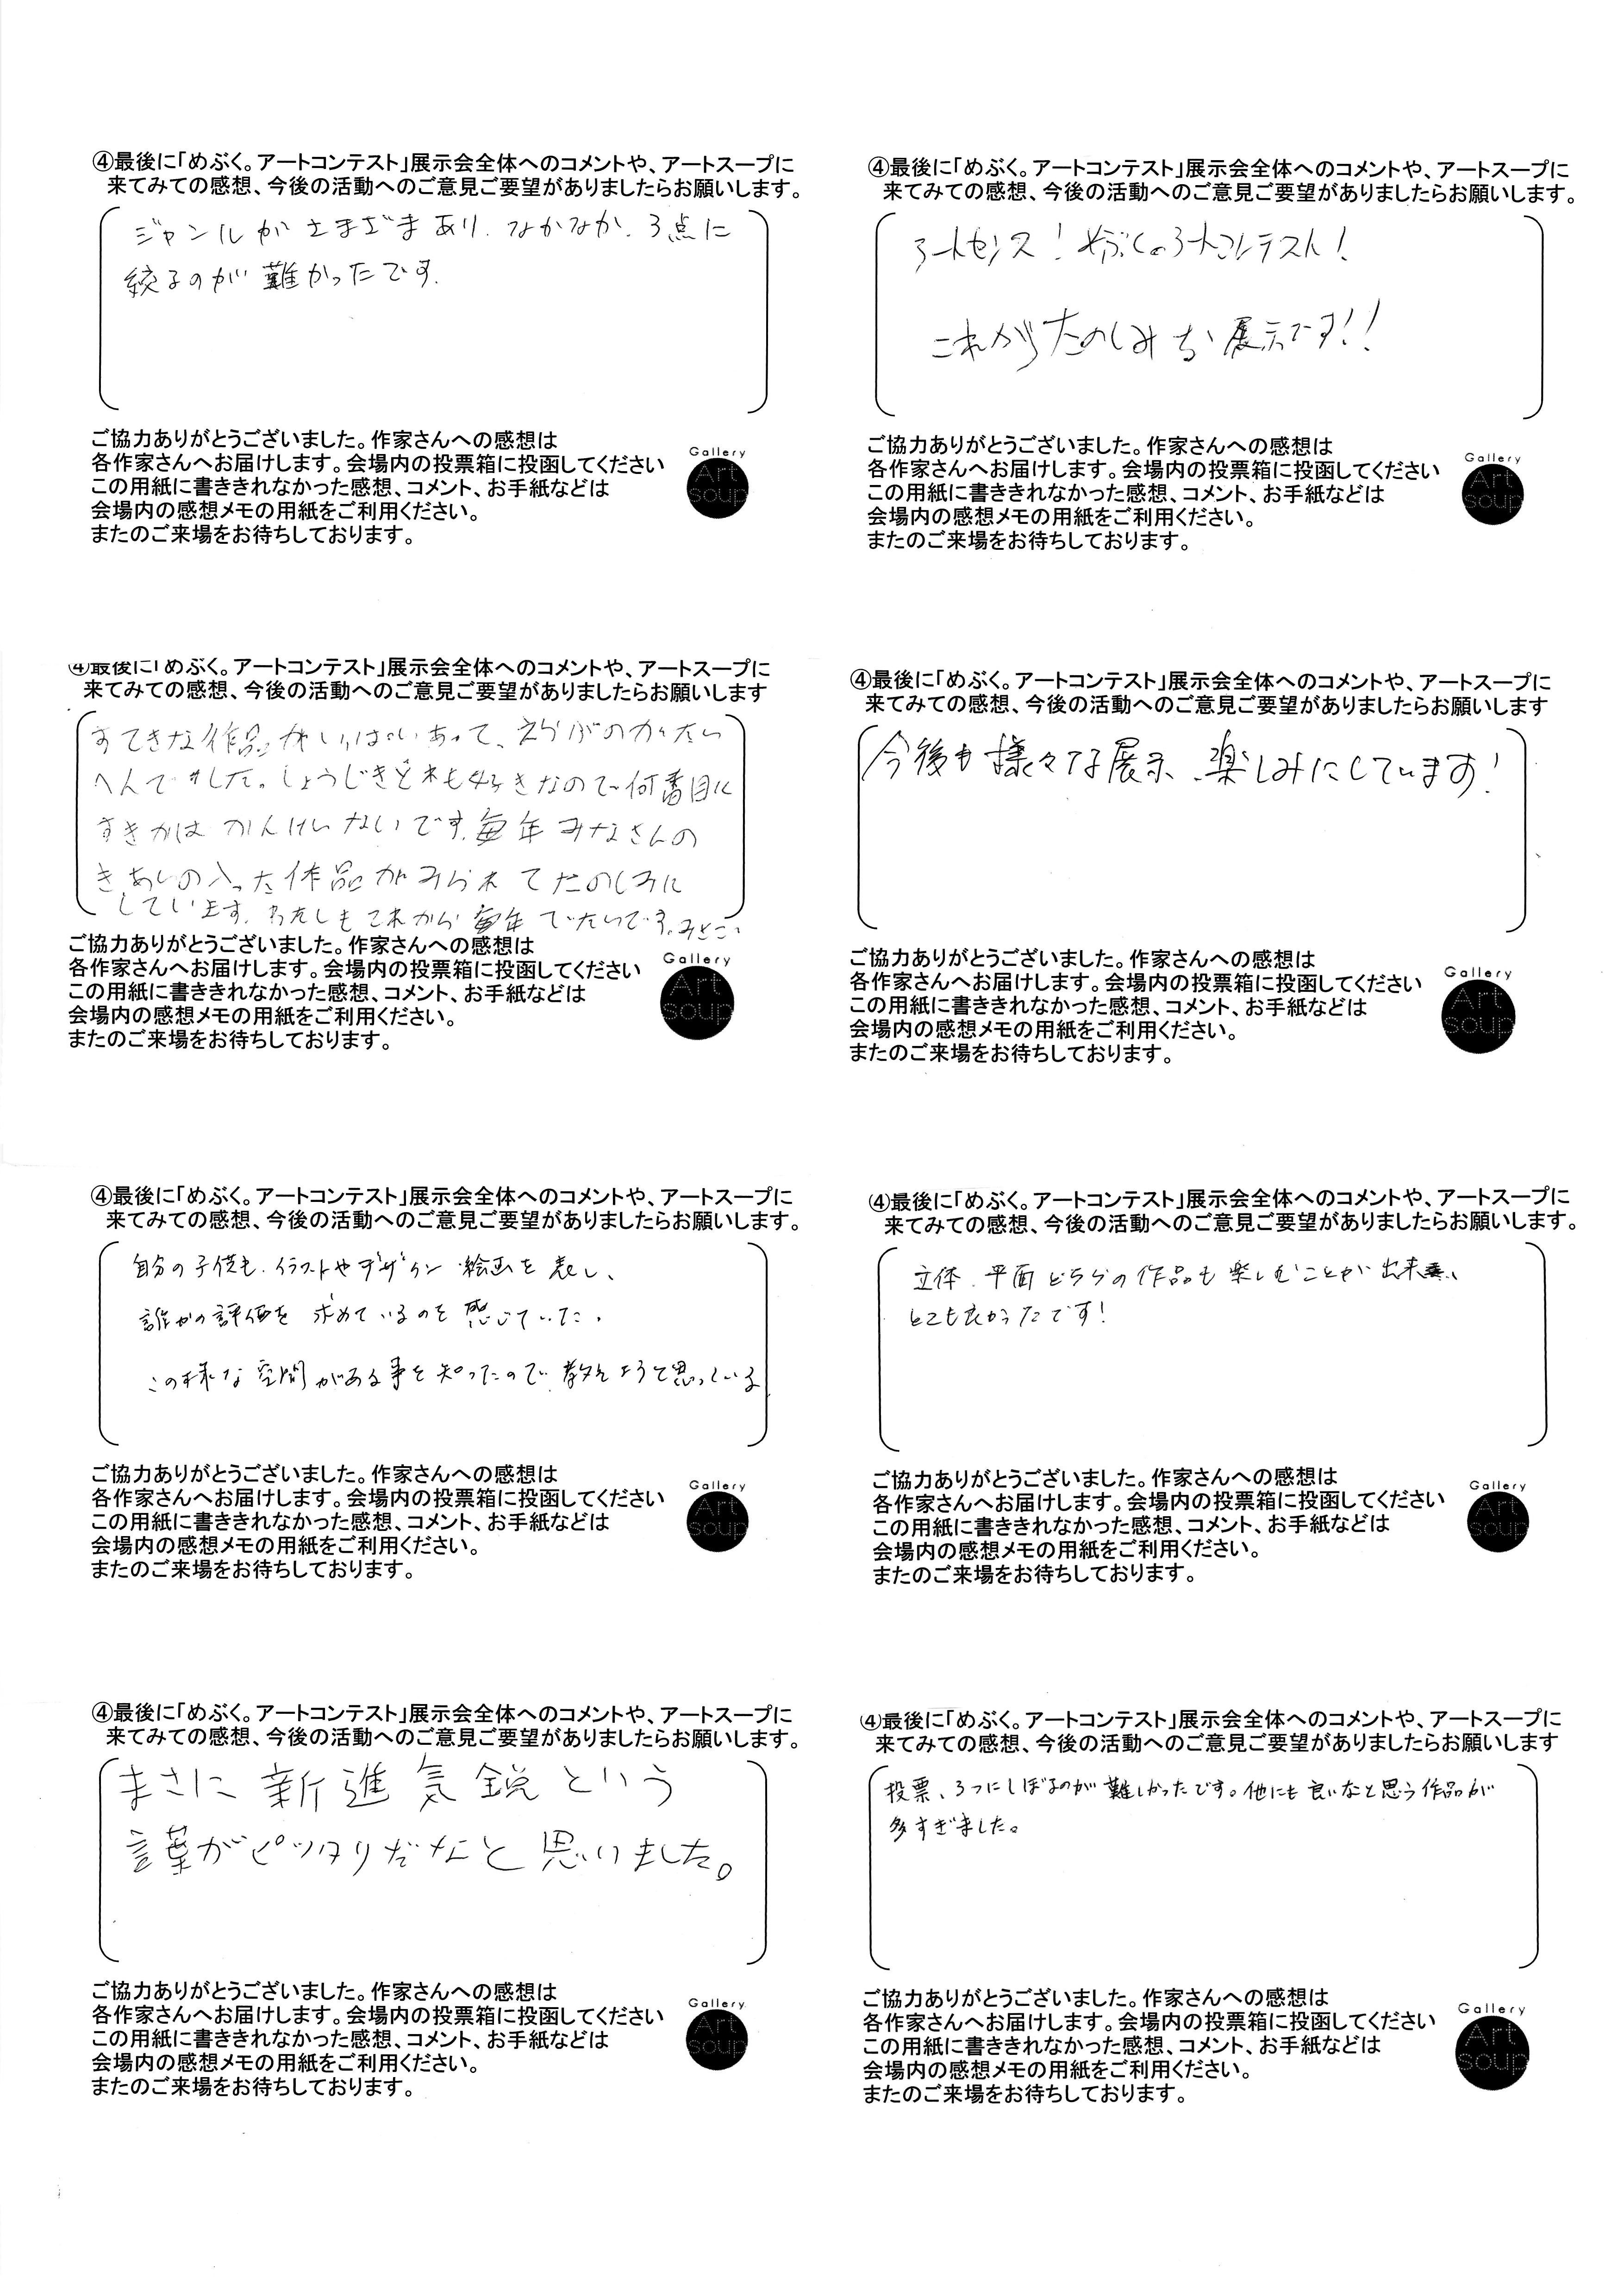 コンテスト来場者コメント_5